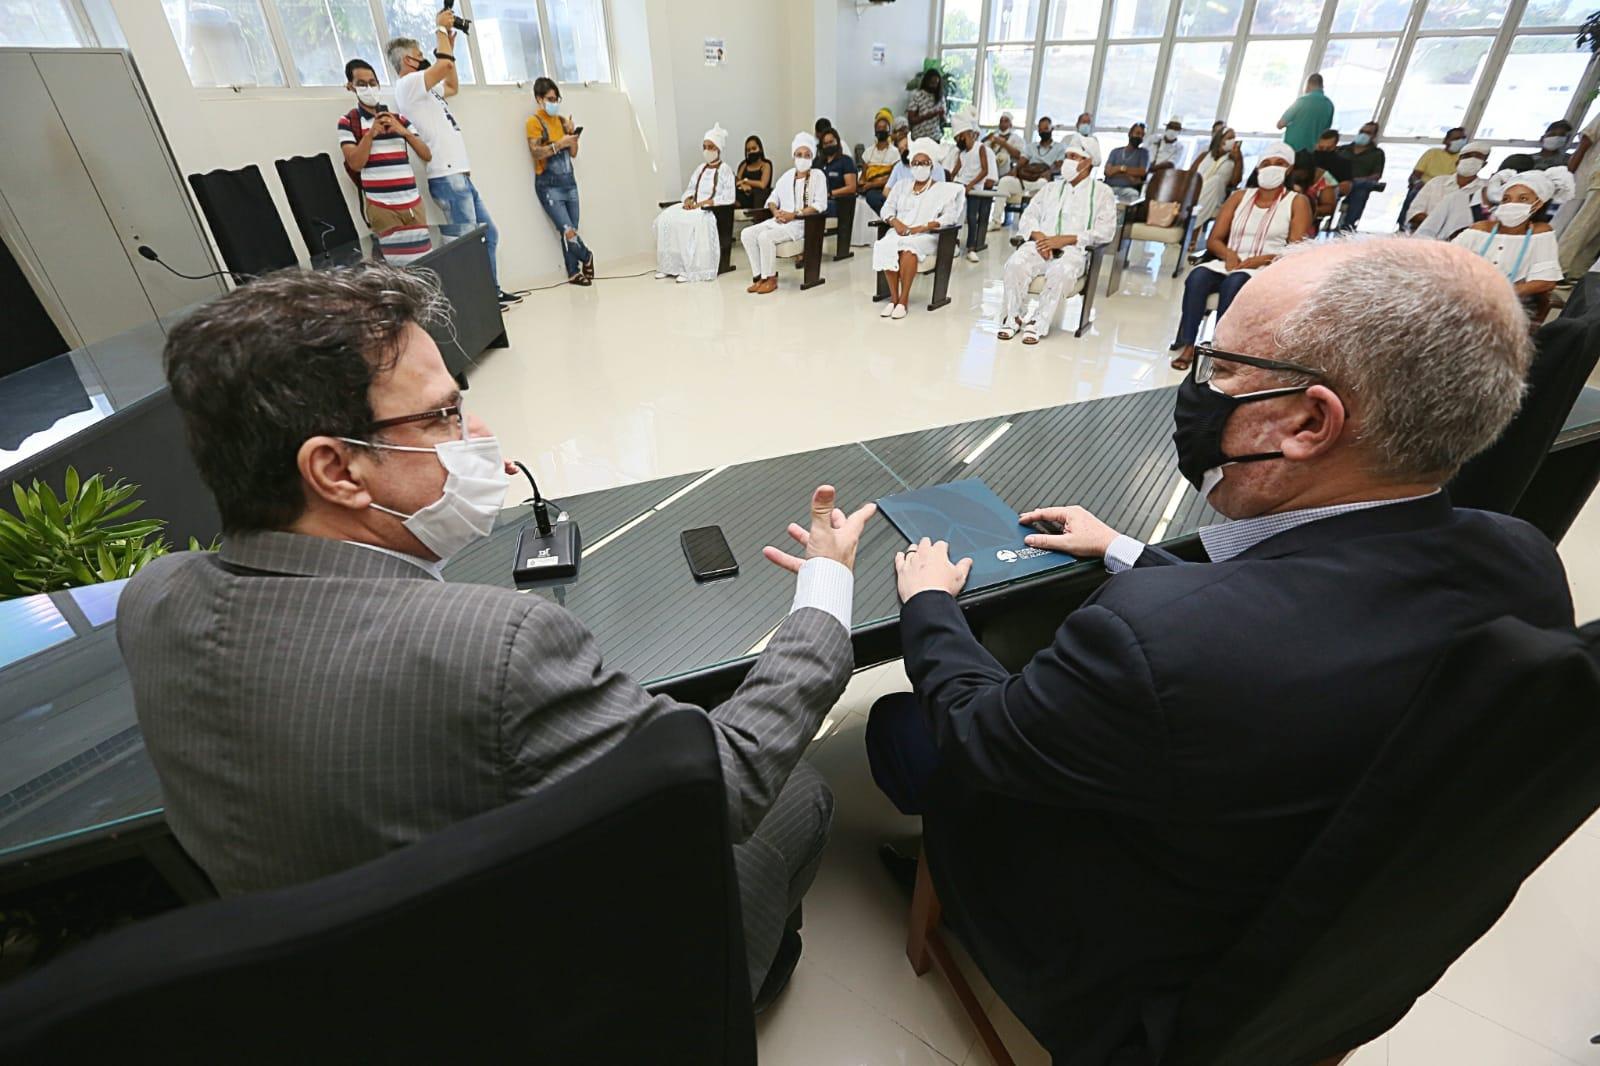 Tribunal de Justiça de Alagoas discute combate à intolerância religiosa